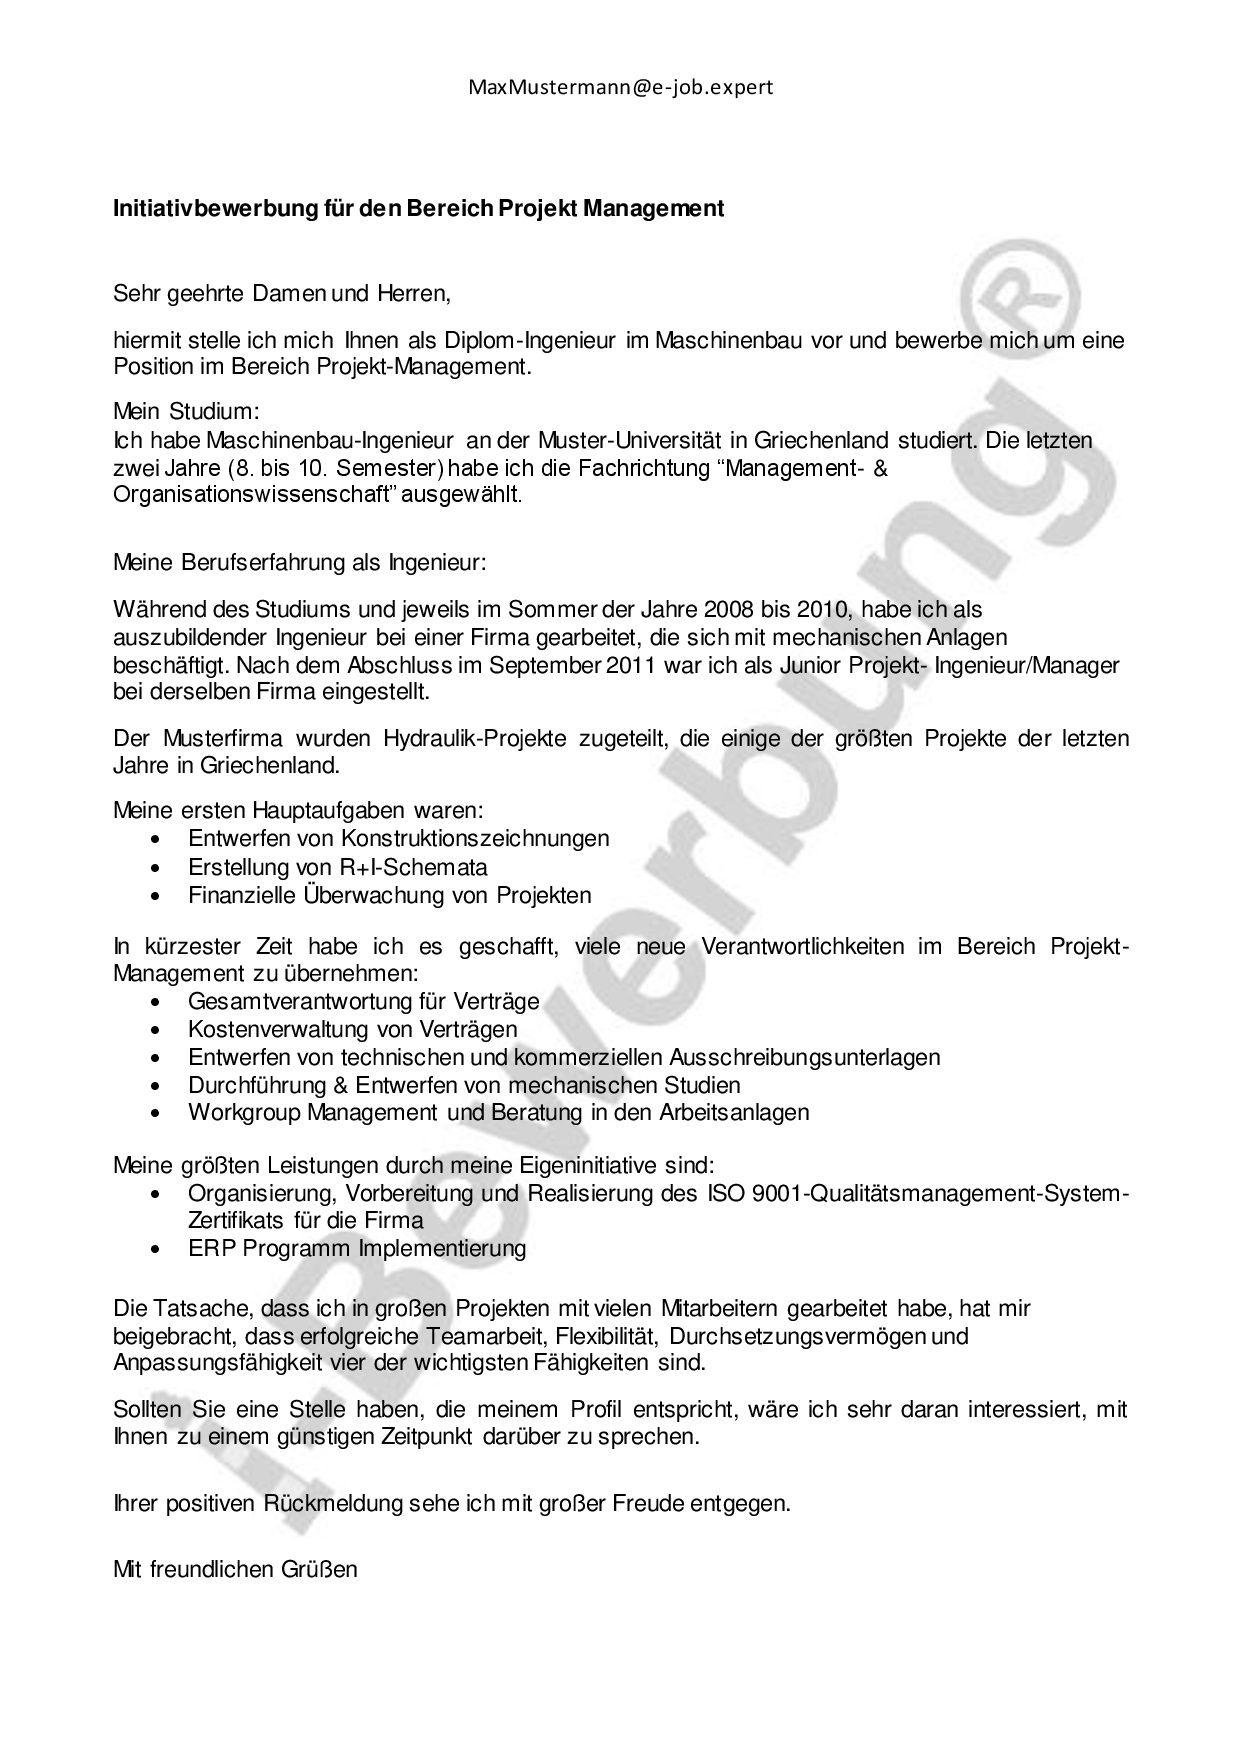 Was Ist Initiativbewerbung Entdecken Sie Den Verdeckten Stellenmarkt Bewerbung Anschreiben Diplom Ingenieur